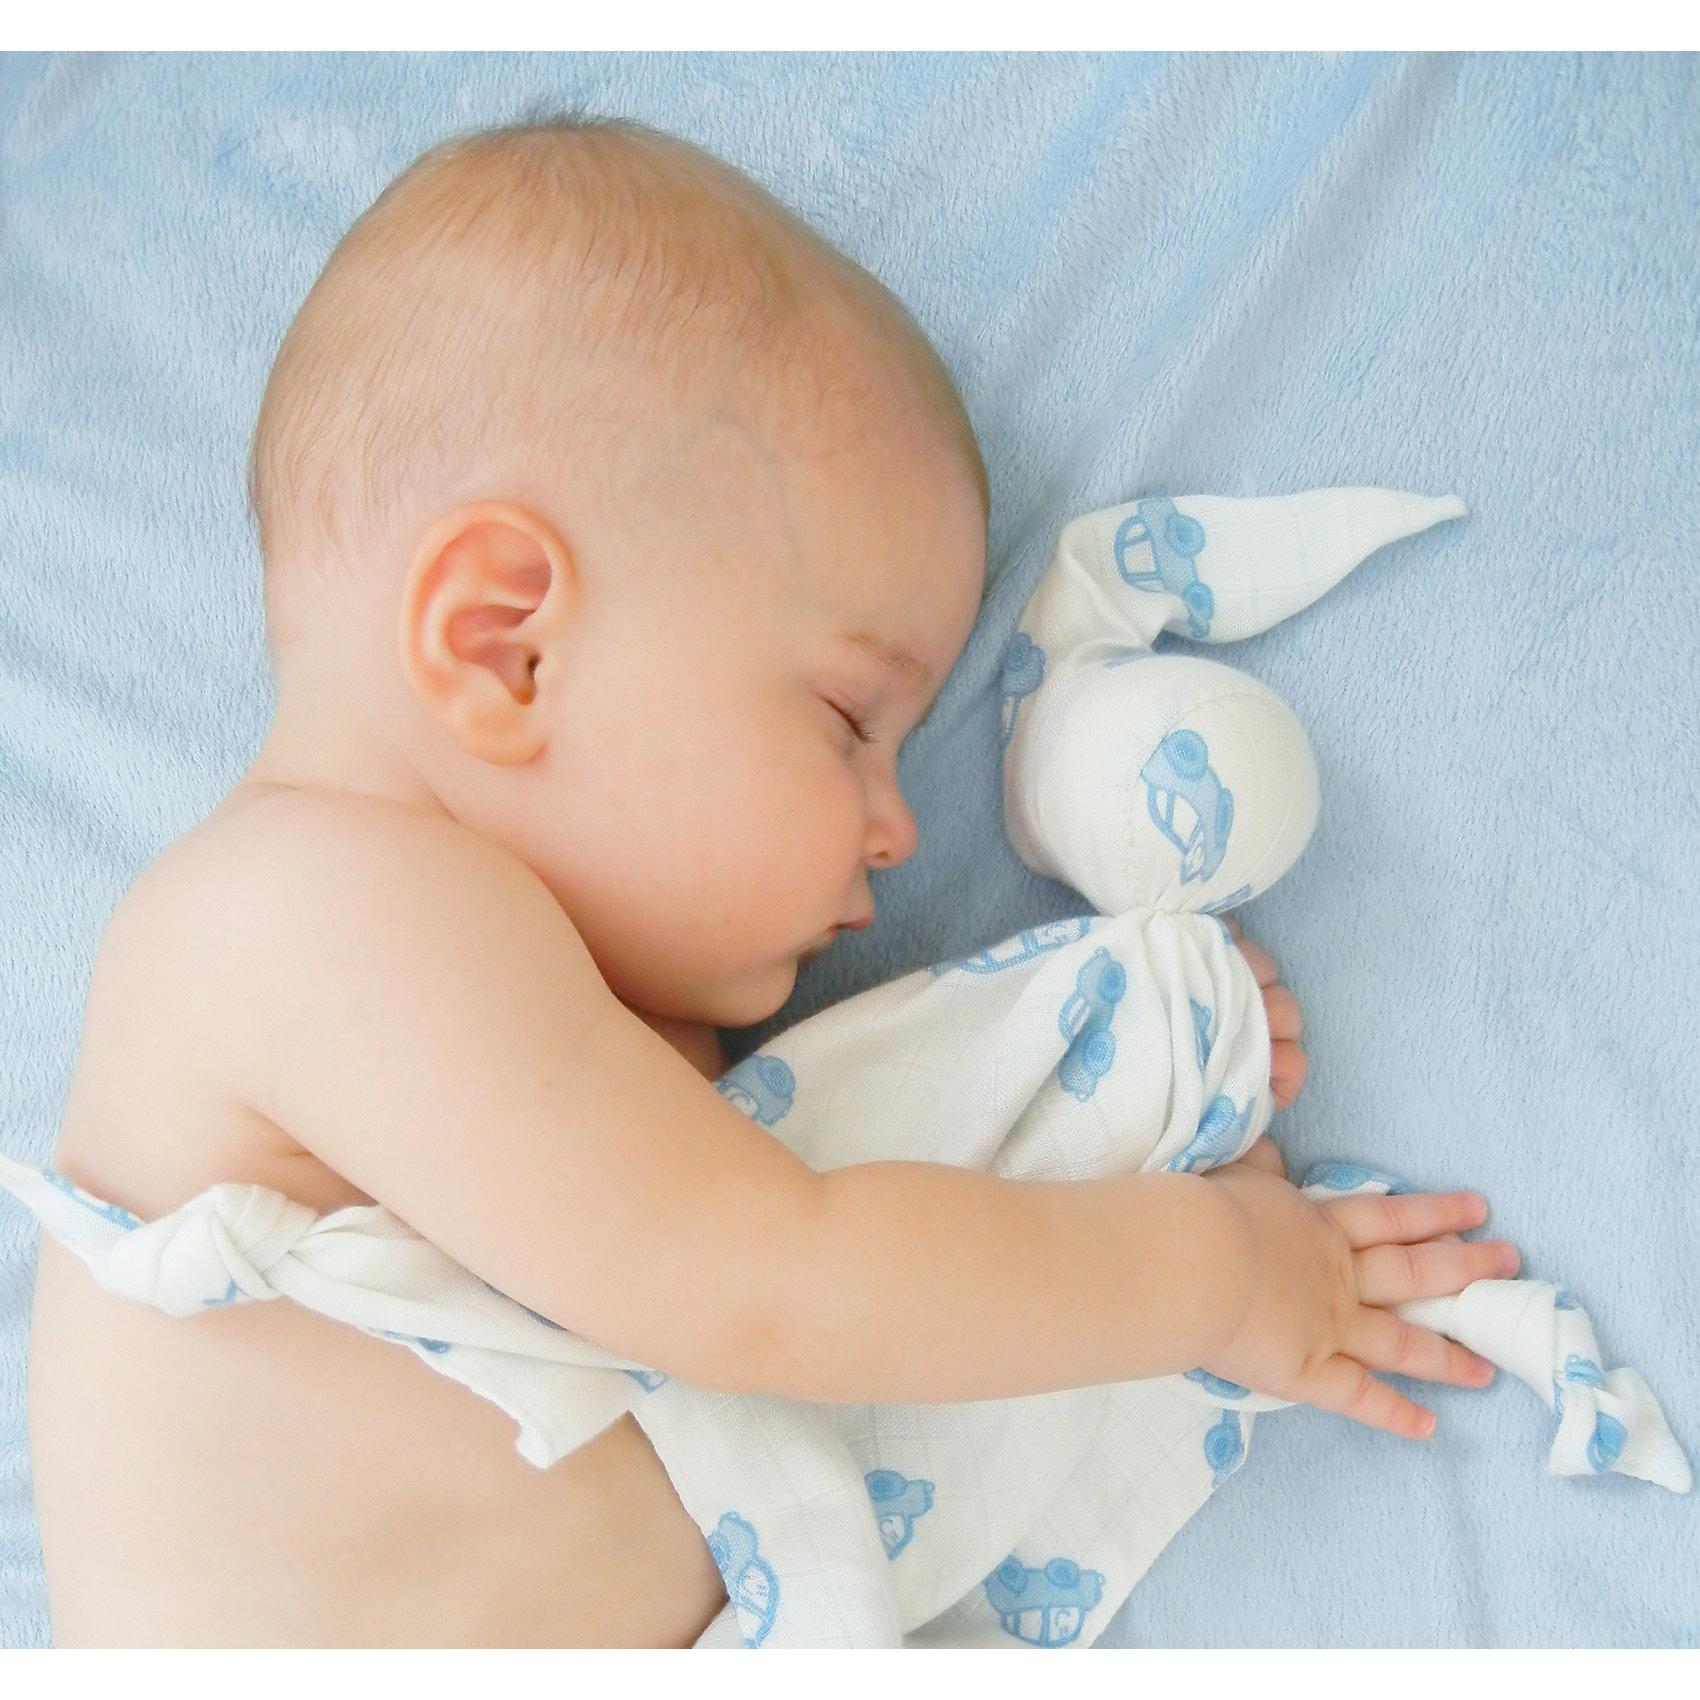 Бамбуковый комфортер из муслина Mussi LONDON CUSKI, Cuski, ЛондонСпокойствие ребенка очень важно для любого любящего родителя. Обеспечить его современной маме поможет комфортер. Комфортер - это английское изобретение, представляющее собой текстильное изделие, которое успокаивает малыша, когда мамы нет рядом. <br>Используют его следующим образом: мама спит с комфортером несколько ночей или изделие кладут рядом с мамой во время кормления. Он пропитывается её запахом, потом кладется рядом с малышом, когда он засыпает или когда мама отлучается. Выполнен комфортер, как правило, в виде забавной игрушки приятной расцветки. Сделан из безопасных для ребенка материалов. Легко стирается в машине.<br><br>Дополнительная информация:<br><br>материал: бамбук;<br>цвет: белый, голубой;<br>вес: 112 г.<br><br>Бамбуковый комфортер из муслина Mussi LONDON CUSKI от английской компании Cuski (Каски) можно купить в нашем магазине.<br><br>Ширина мм: 70<br>Глубина мм: 70<br>Высота мм: 200<br>Вес г: 112<br>Возраст от месяцев: 0<br>Возраст до месяцев: 36<br>Пол: Унисекс<br>Возраст: Детский<br>SKU: 4873598